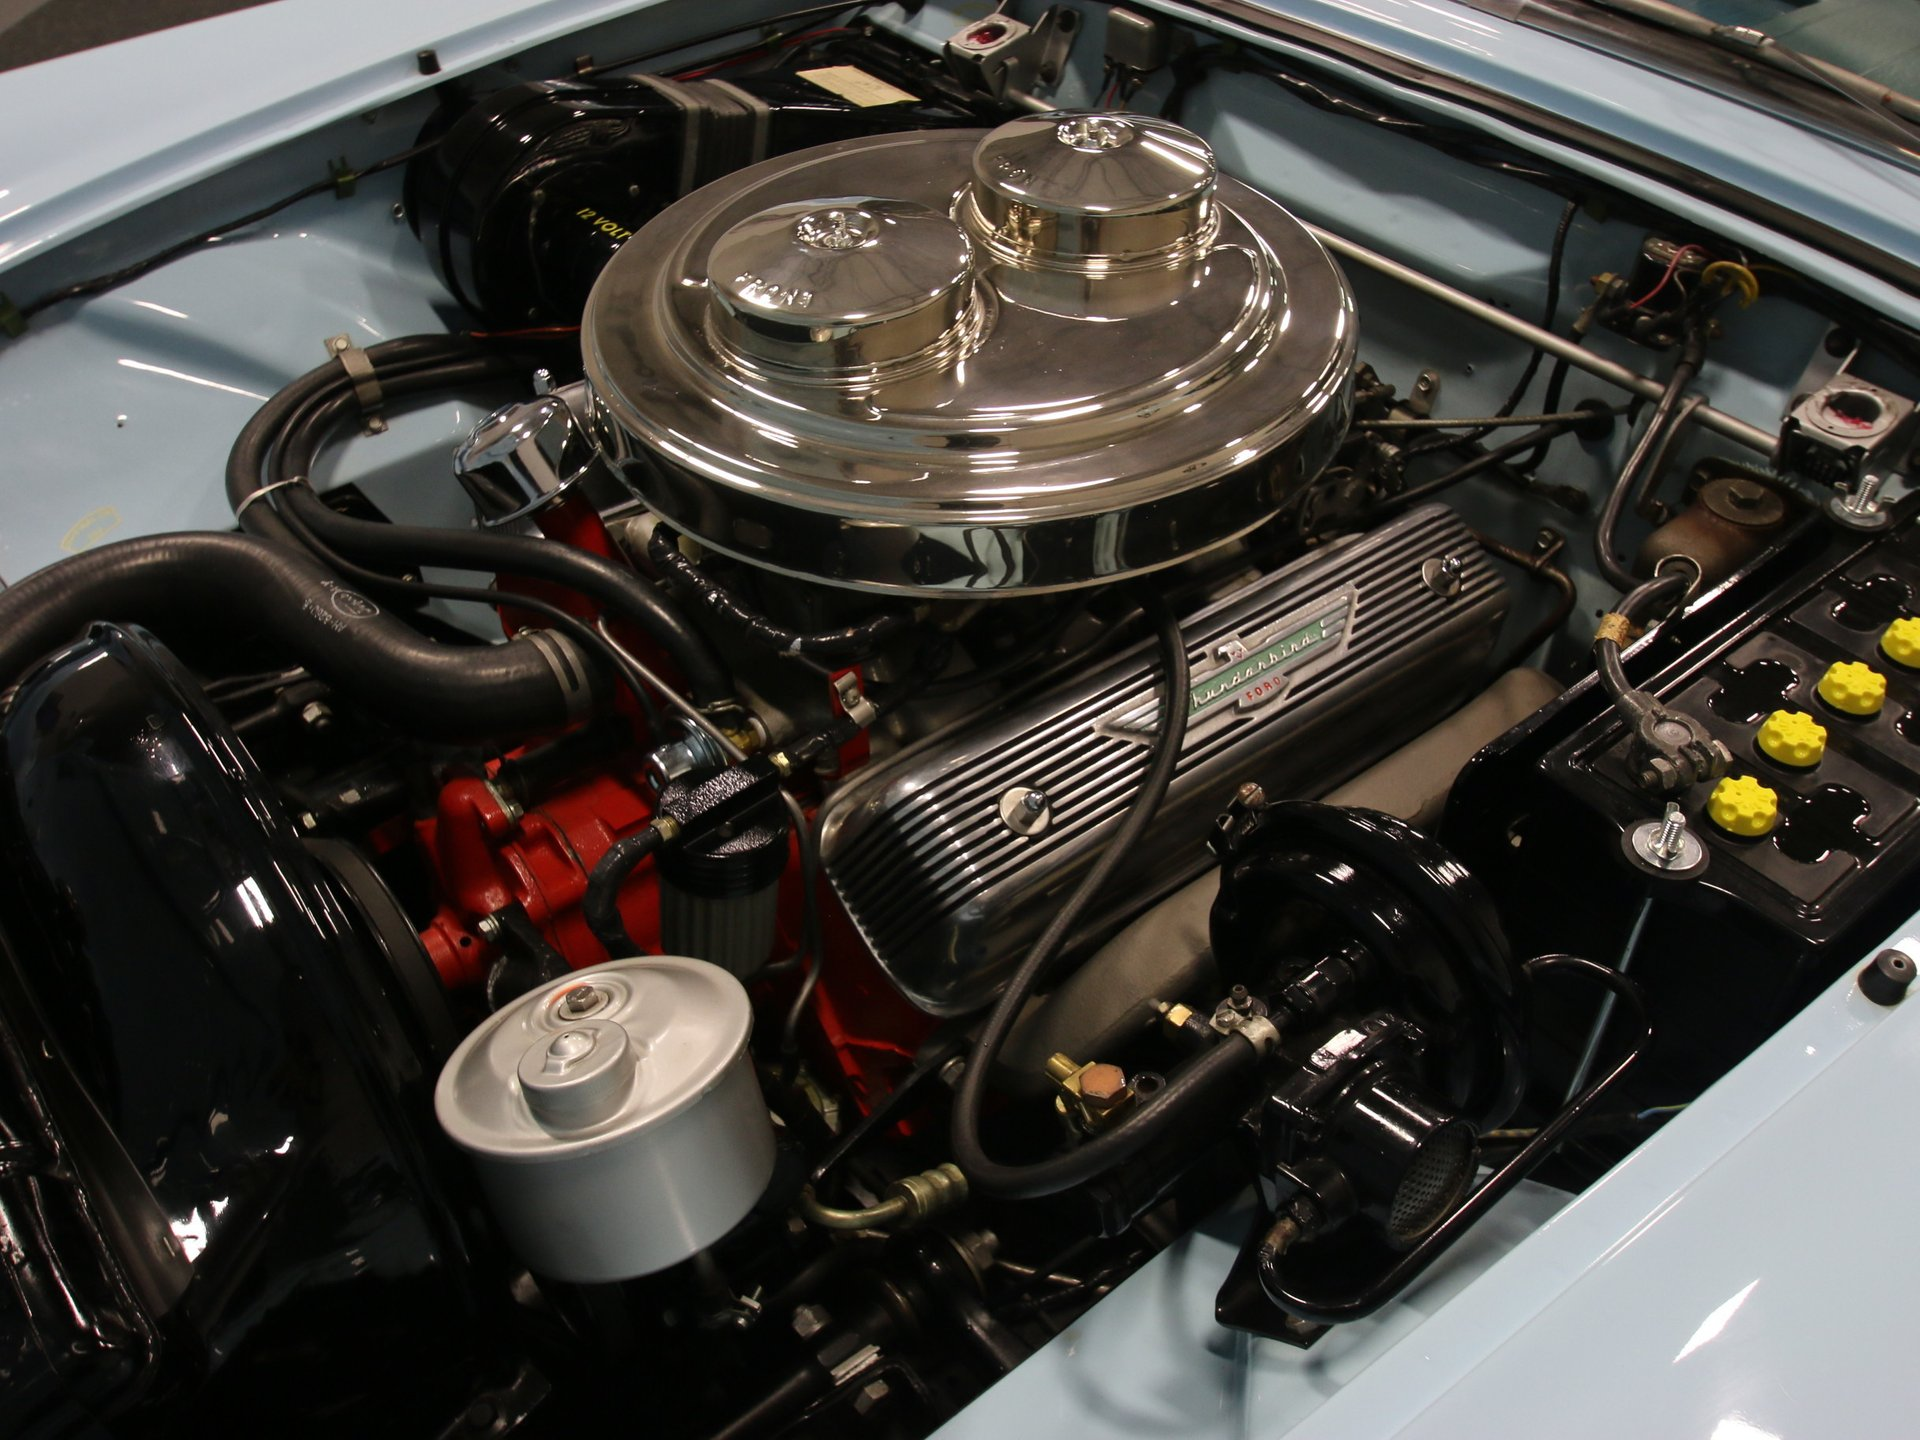 1957 Ford Thunderbird | Streetside Classics - The Nation's